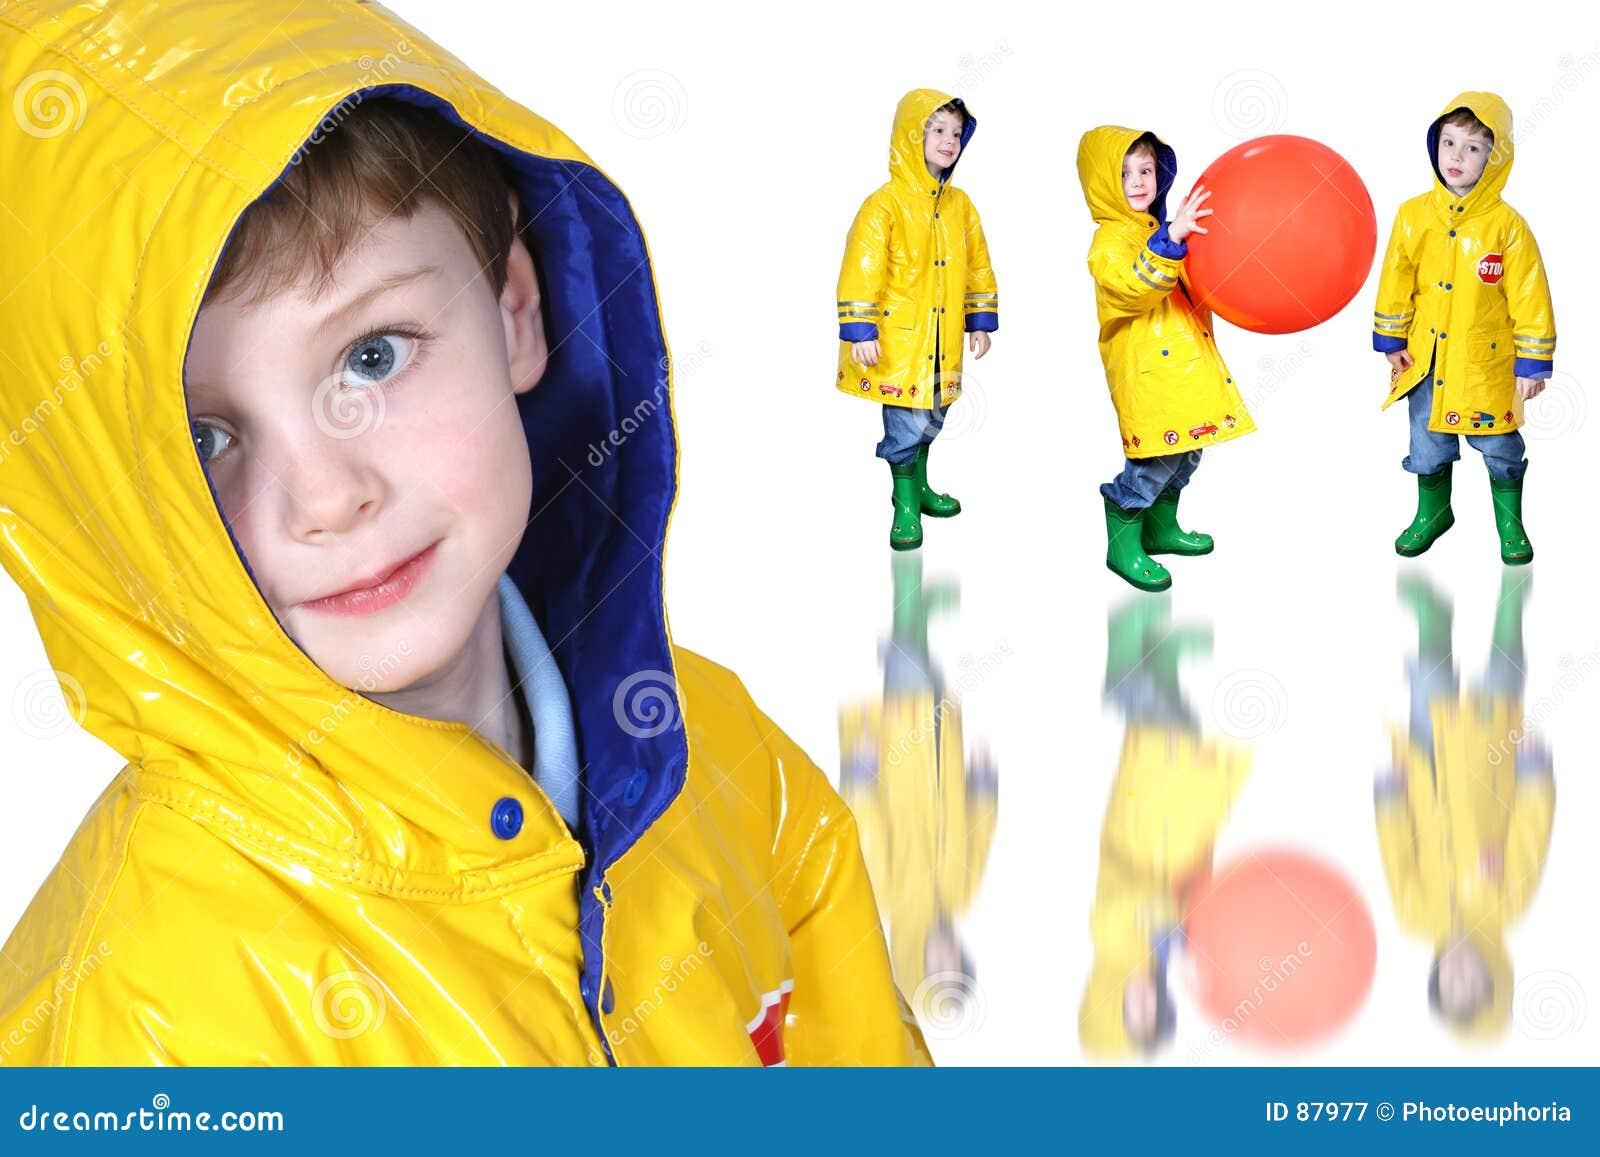 Buty chłopcy kolaż deszczowej żabka żółty